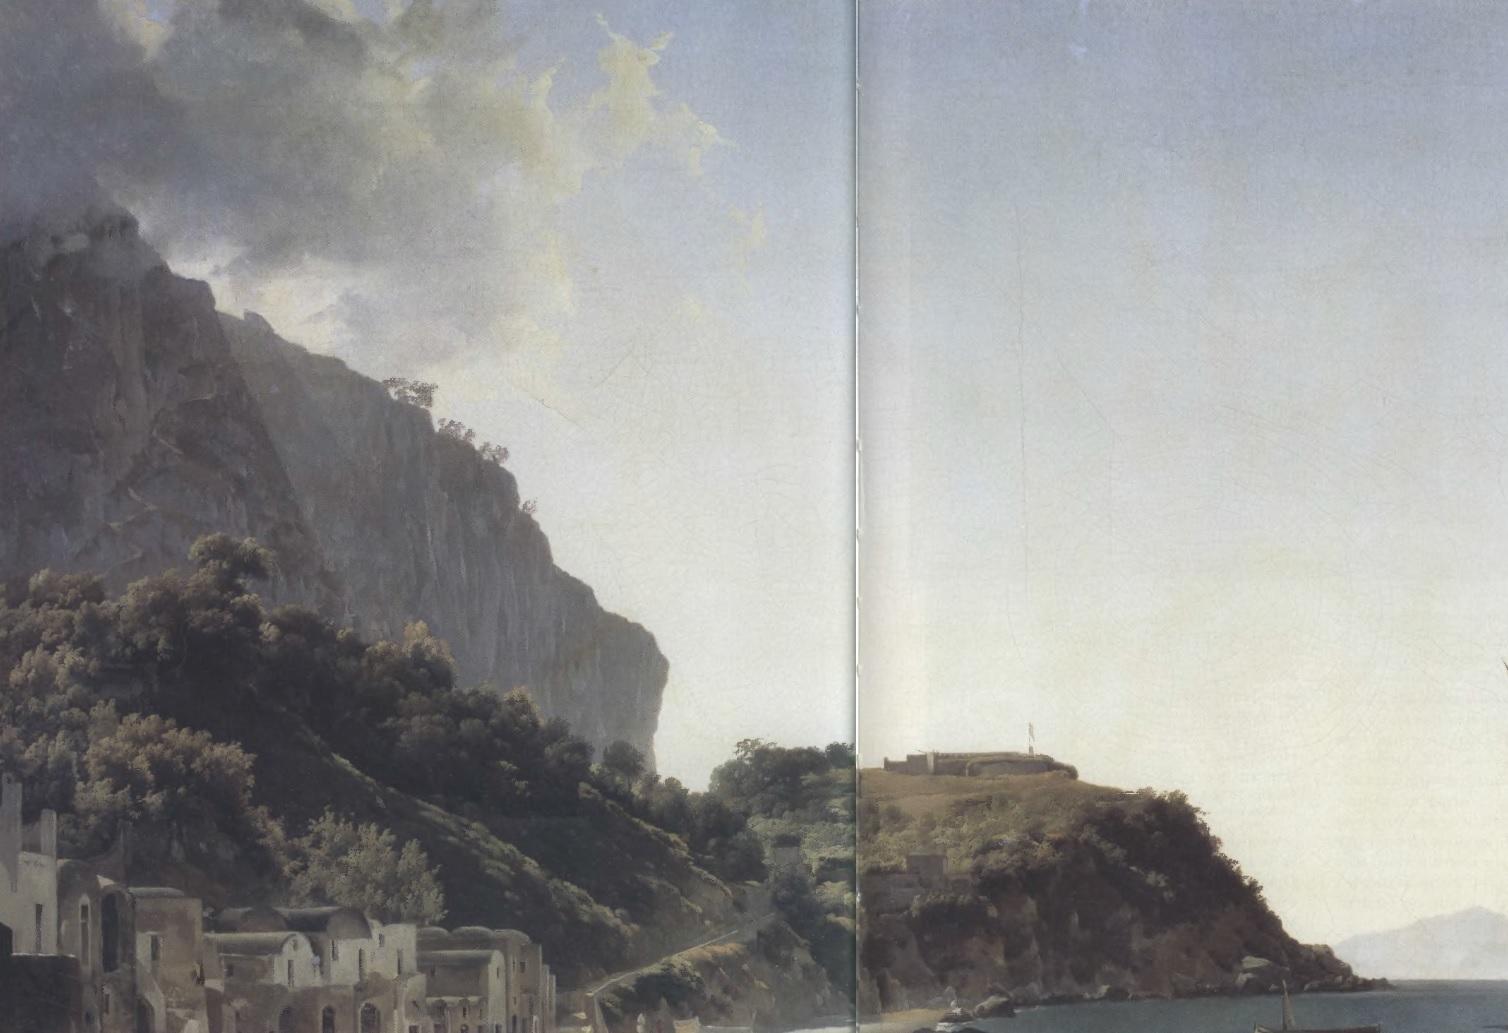 СИЛЬВЕСТР ЩЕДРИН. Большая гавань на острове Капри. 1828. Холст, масло. 60 х 85 см. Государственная Третьяковская галерея